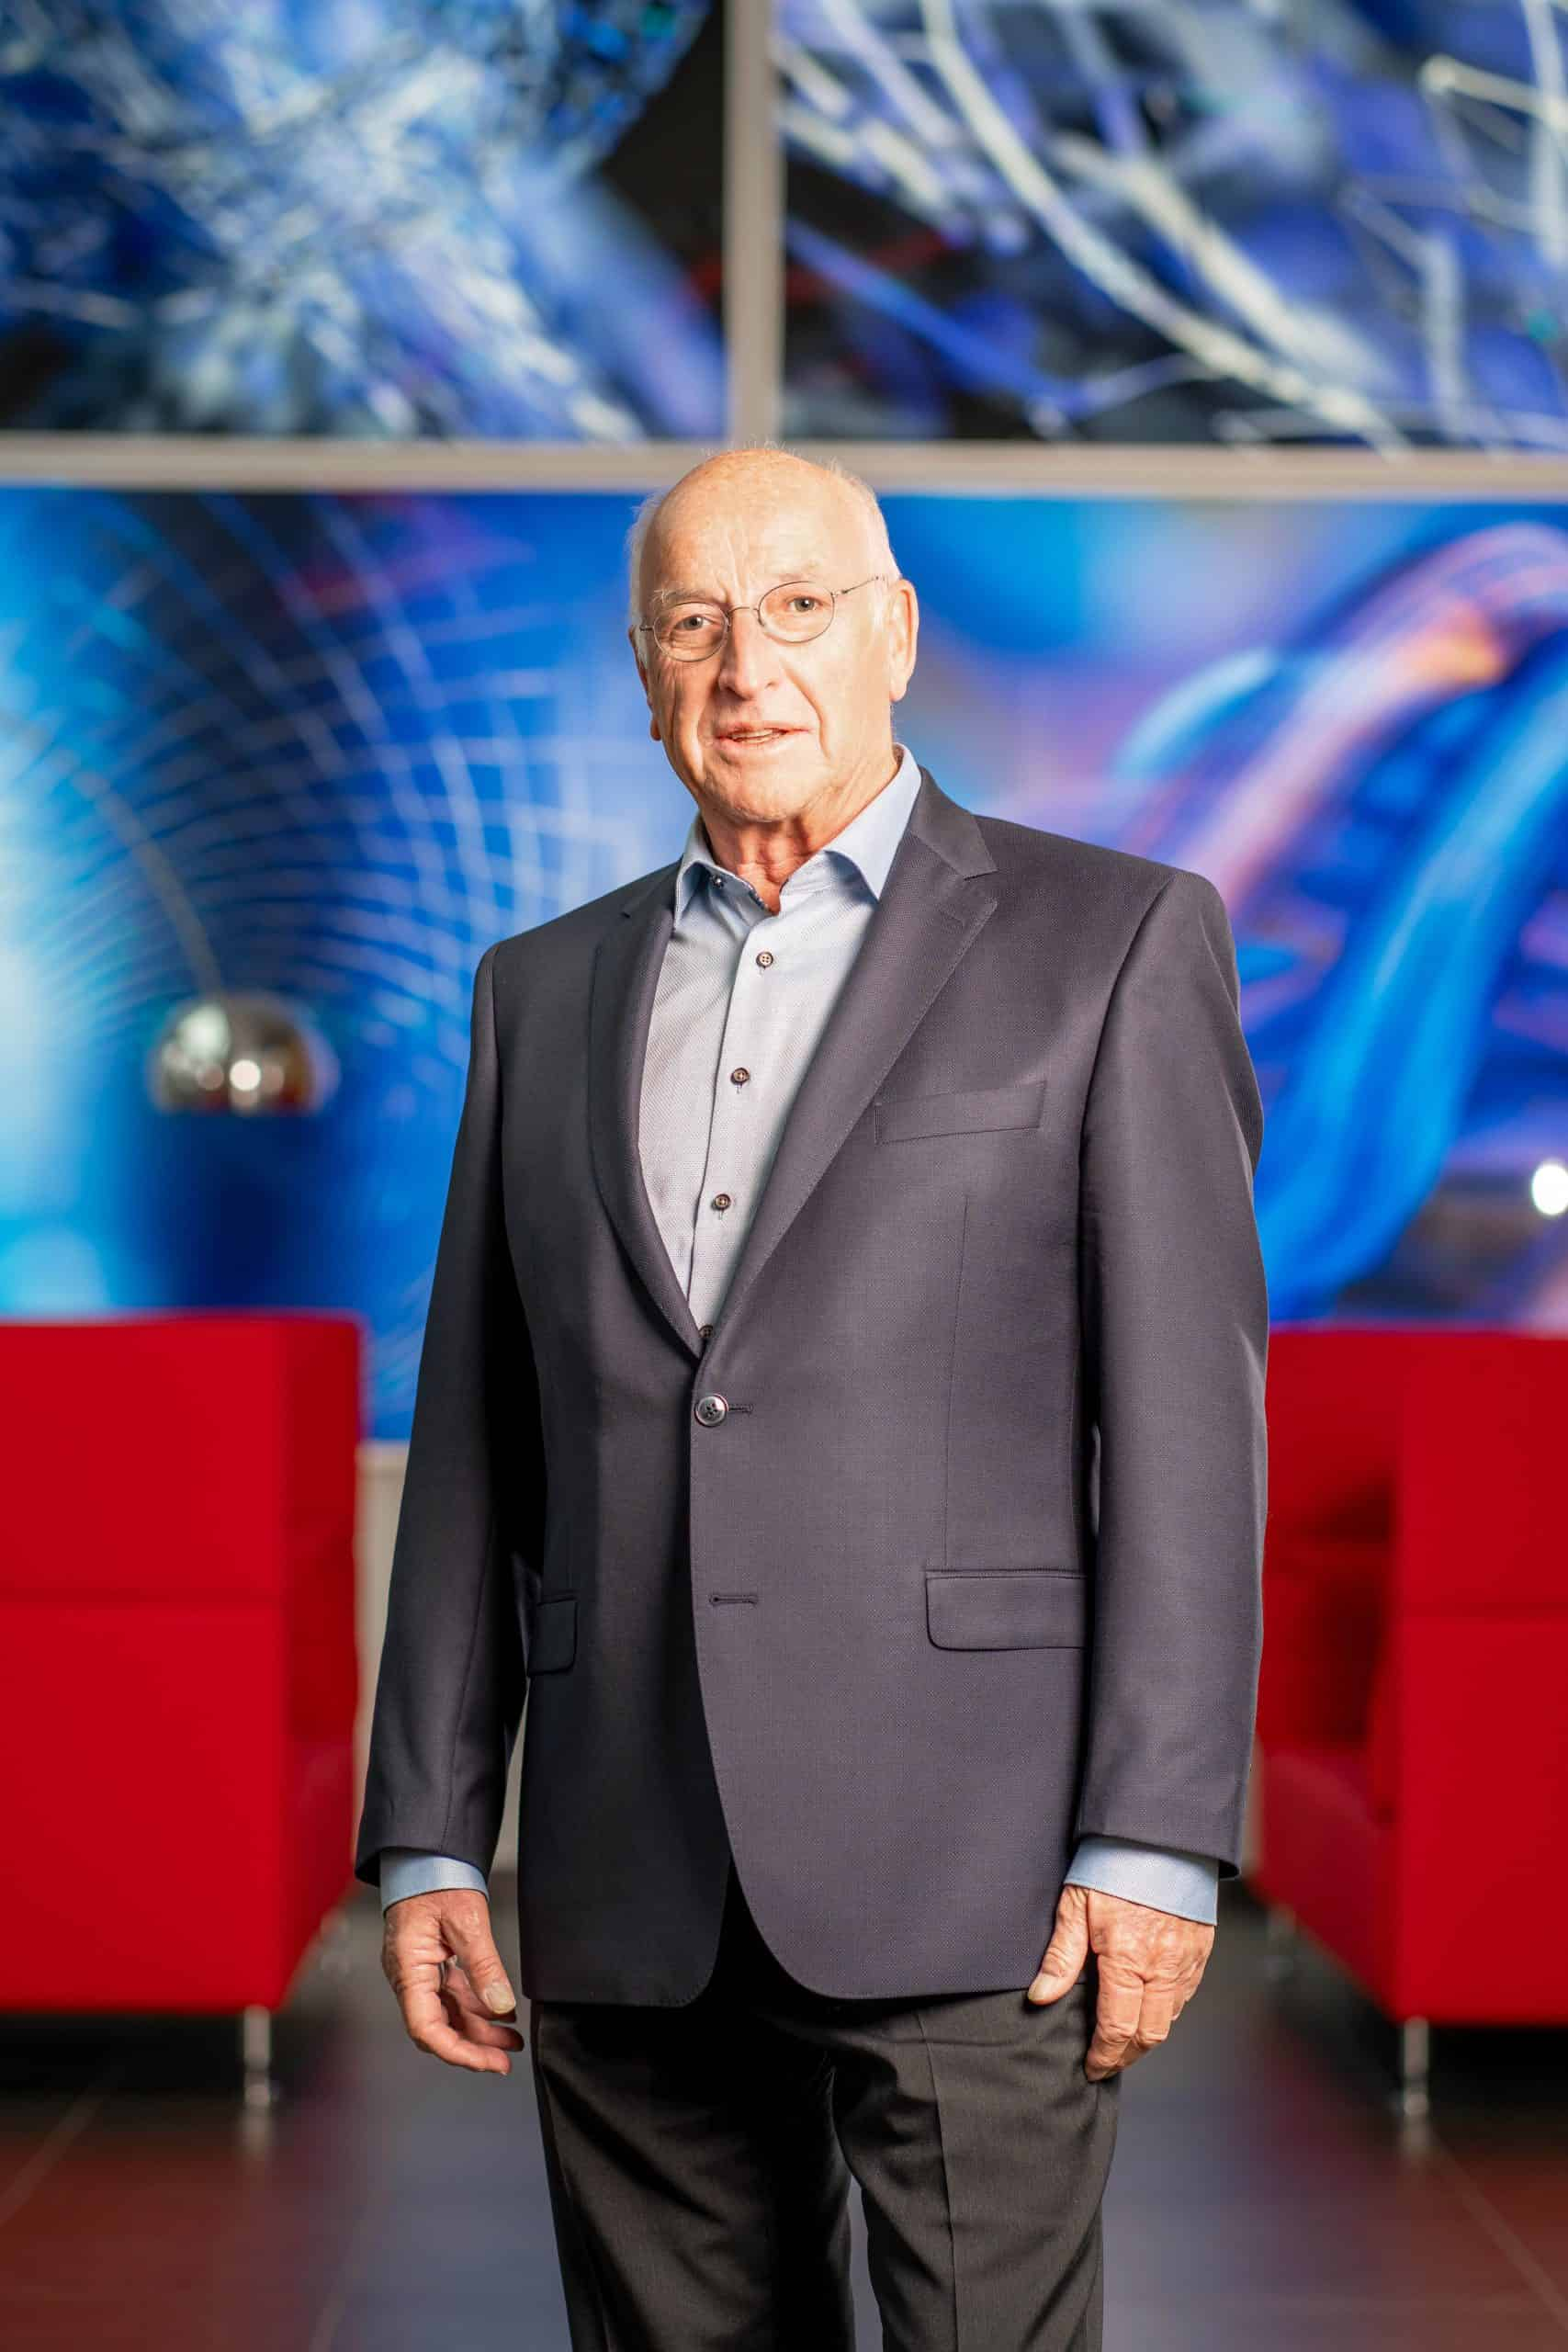 Prof. Dieter Stöckel